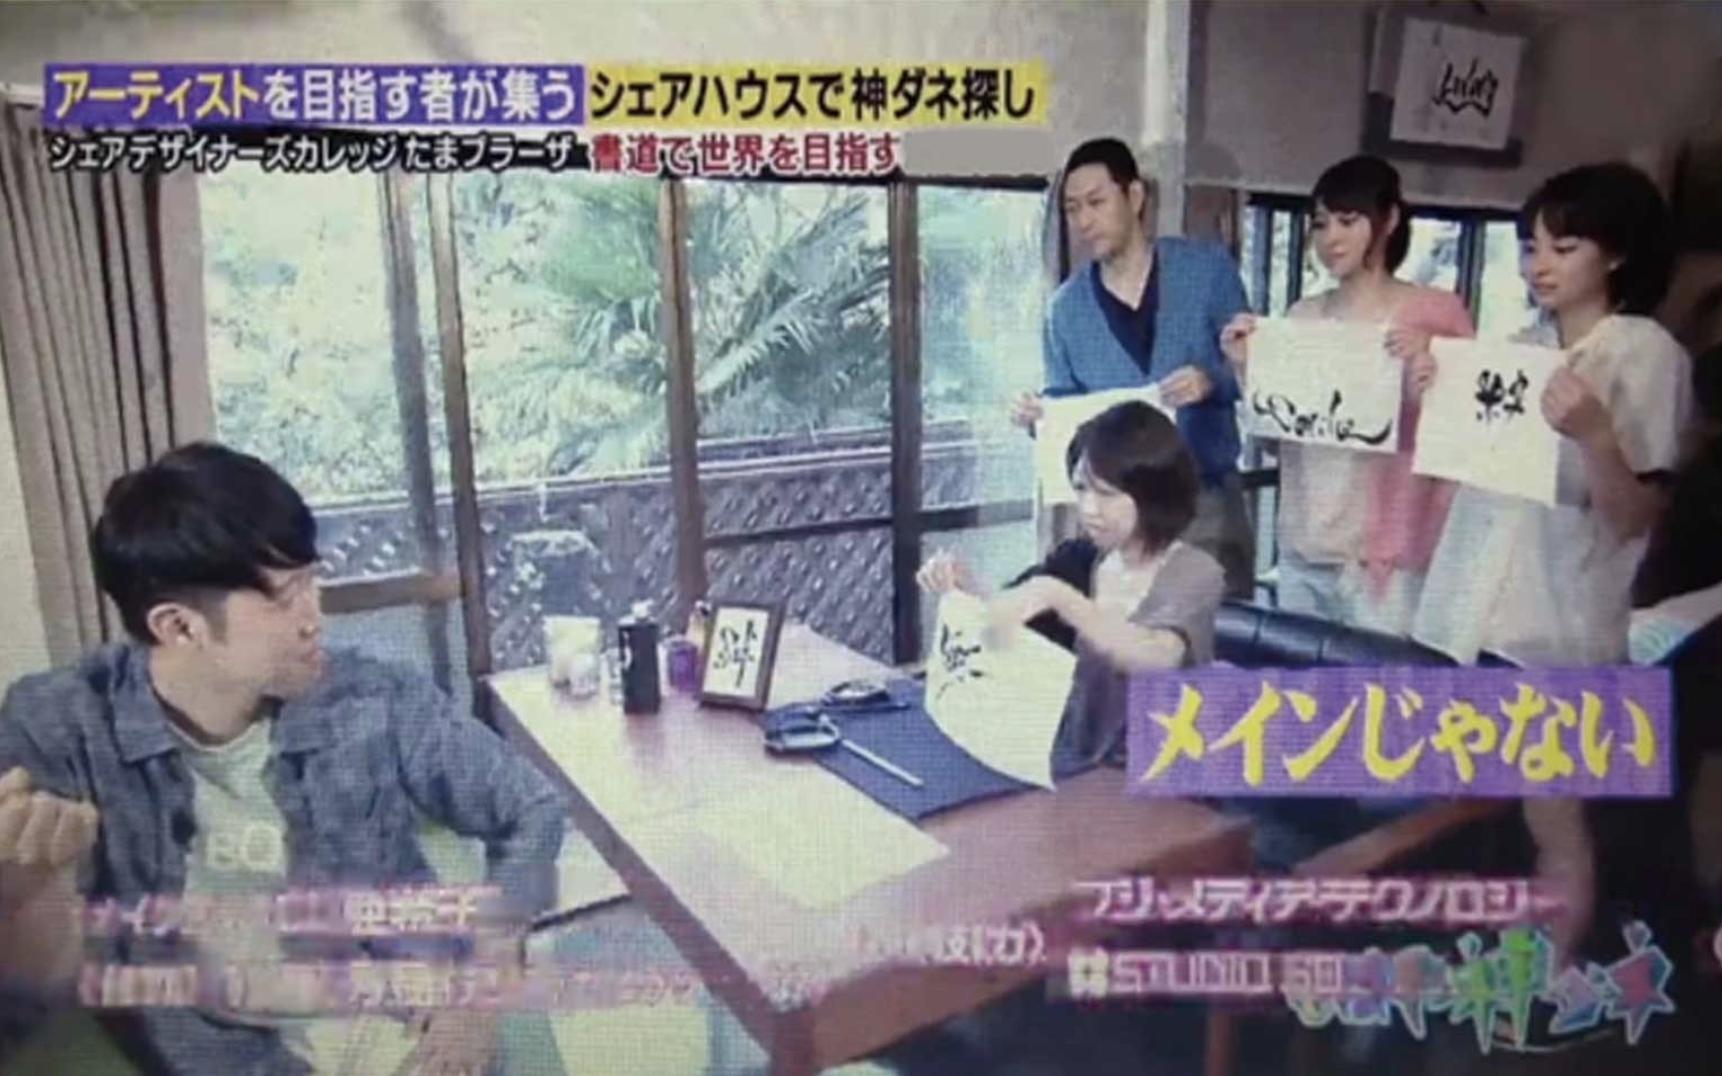 フジテレビ「もはや神ダネ!」に出演   東野幸治さん、こやぶさん、広瀬アリスさん、広瀬すずさんに目の前でイメージする文字を書いてプレゼント。  番組内テロップも作成。